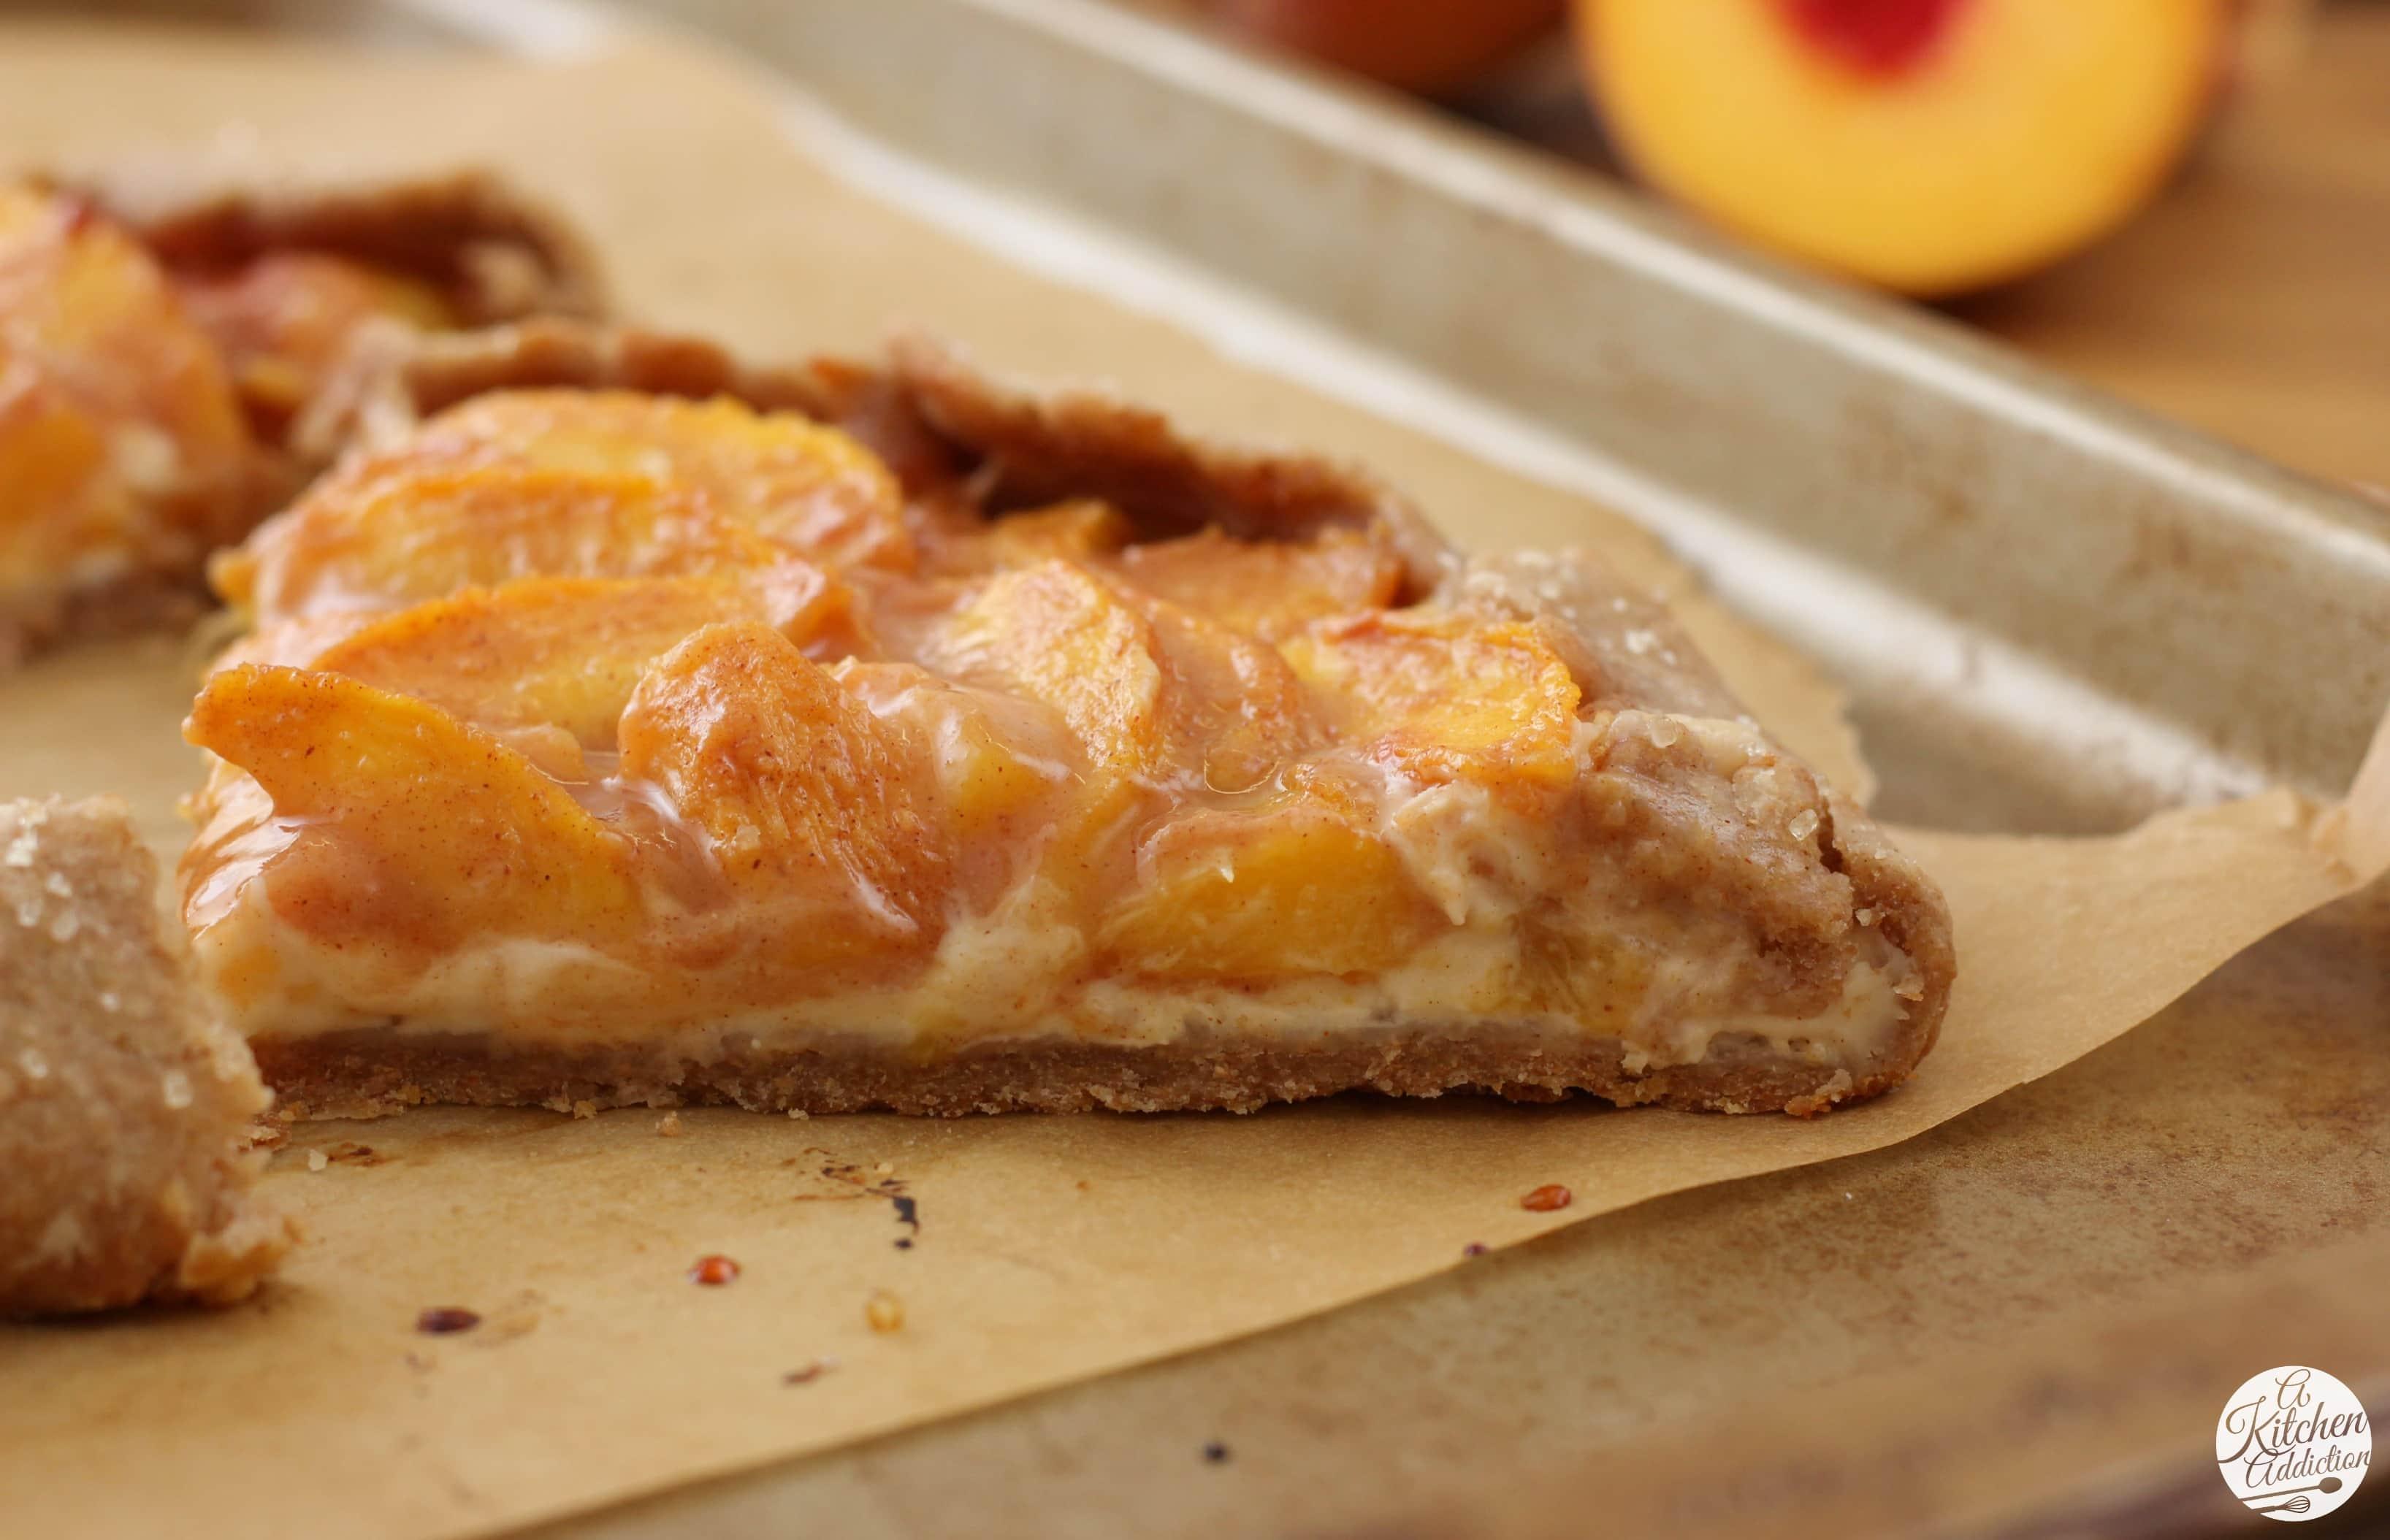 Peaches and Cream Crostata Recipe from A Kitchen Addiction